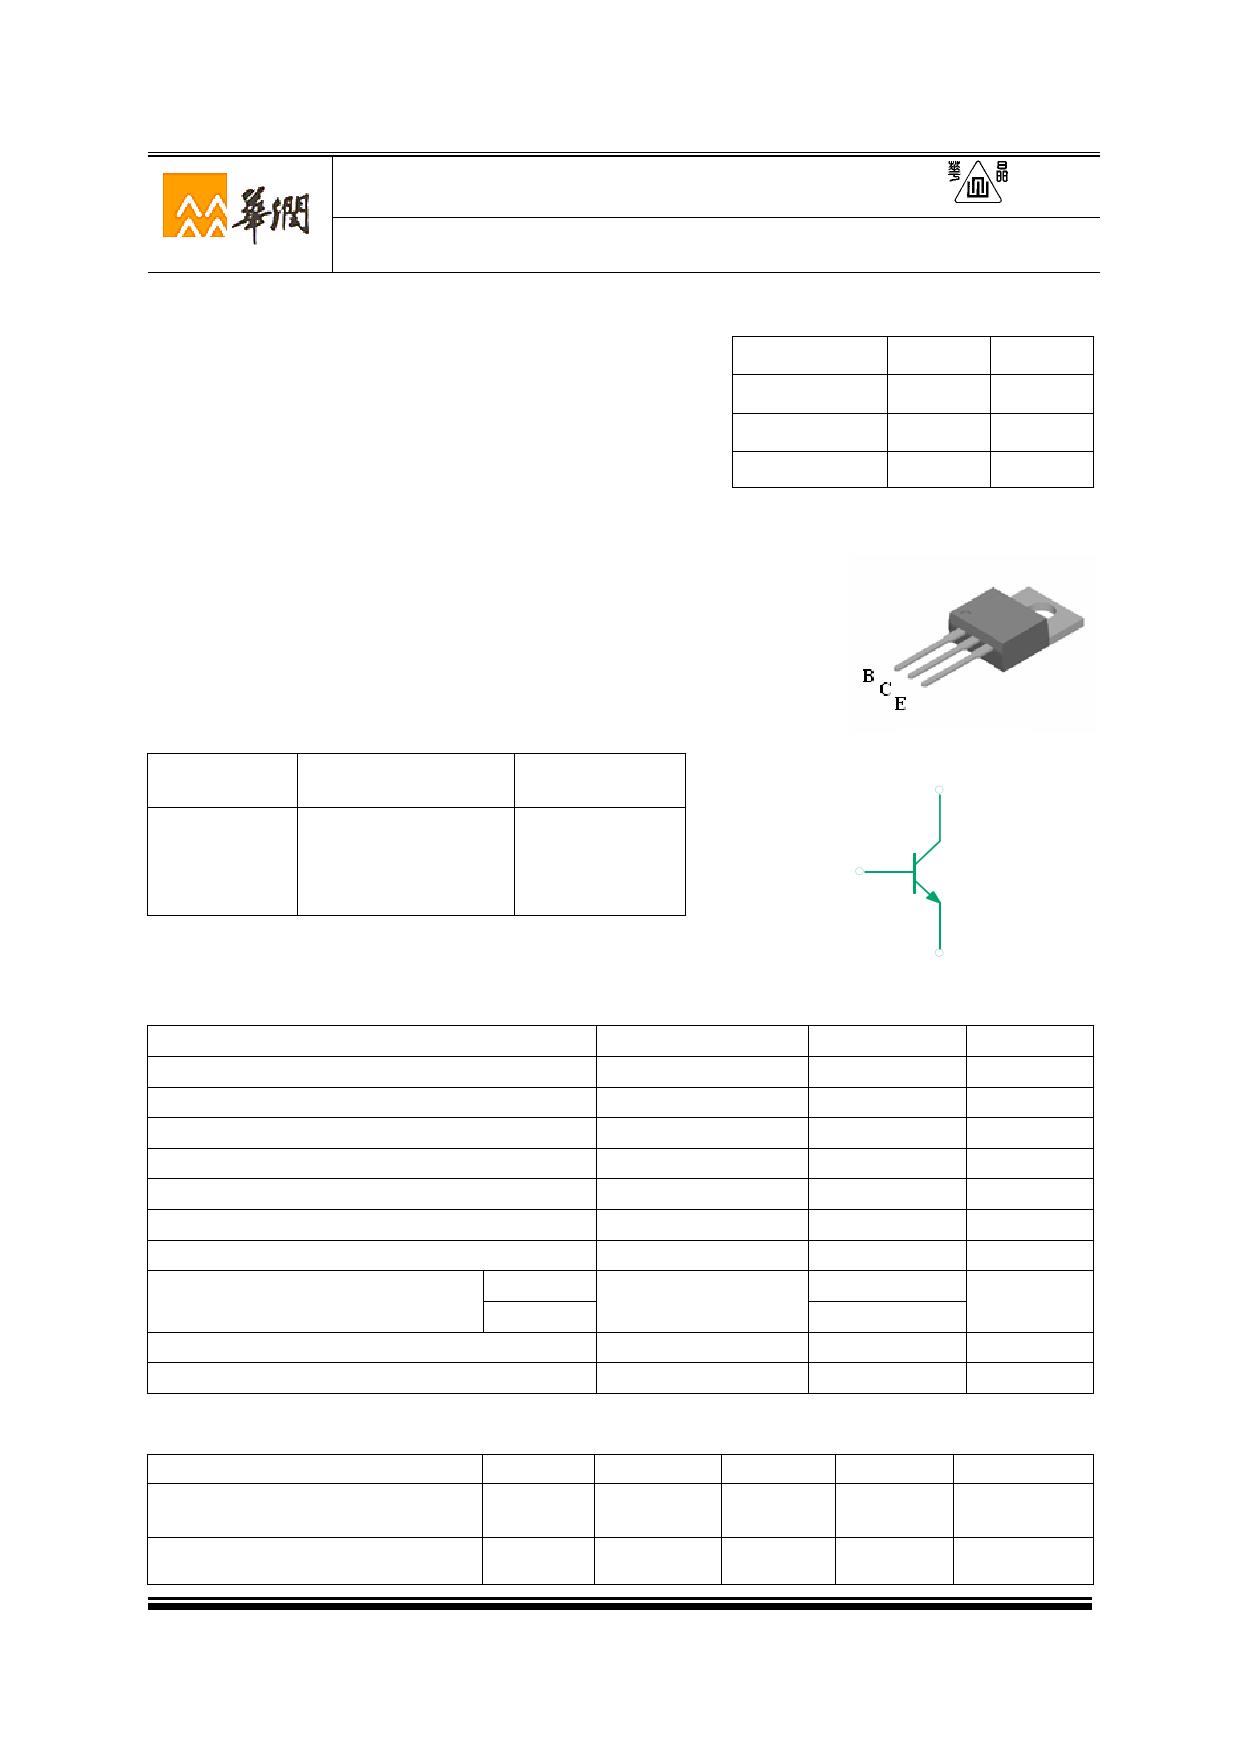 3DD3150A8 Datasheet, 3DD3150A8 PDF,ピン配置, 機能